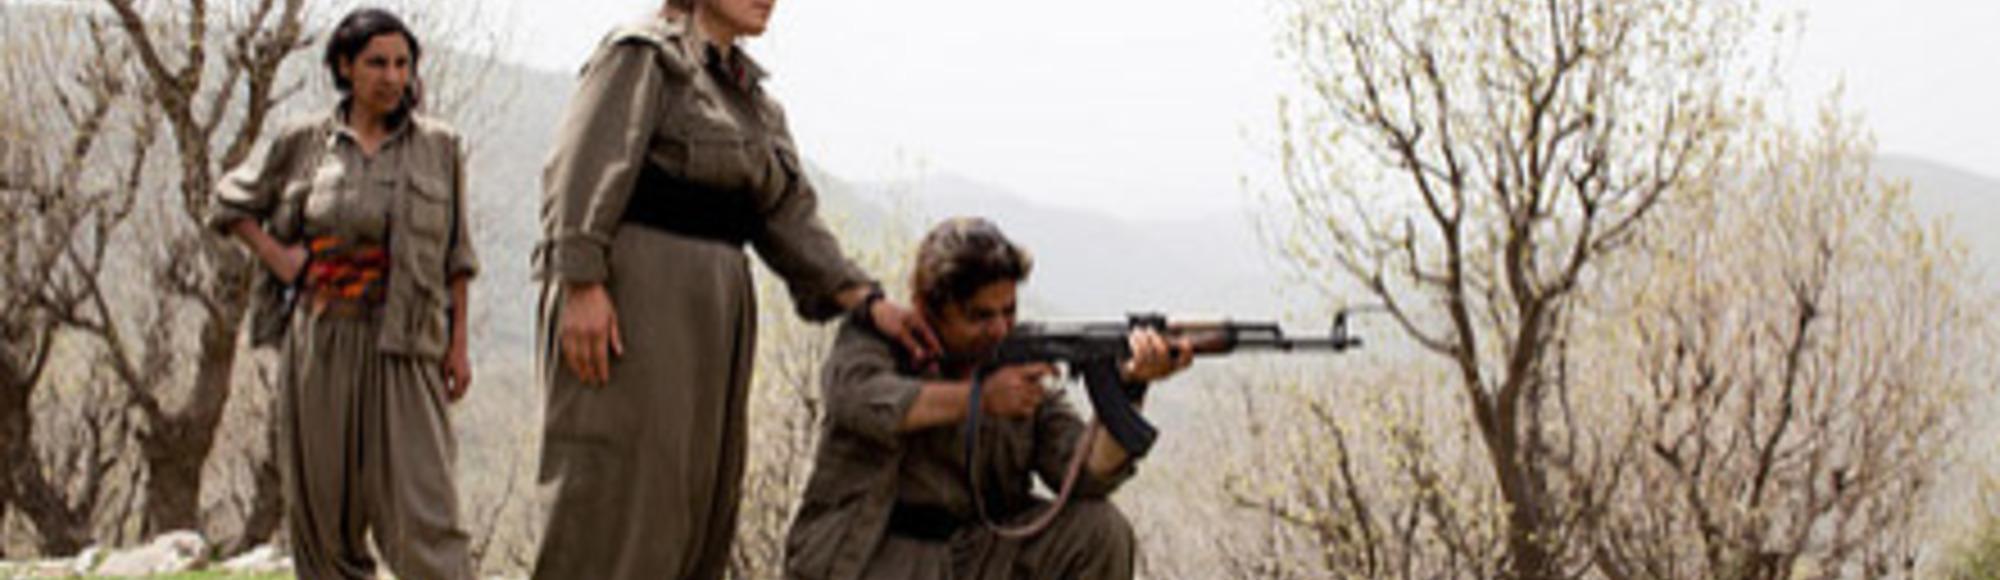 Die Kämpferinnen Kurdistans